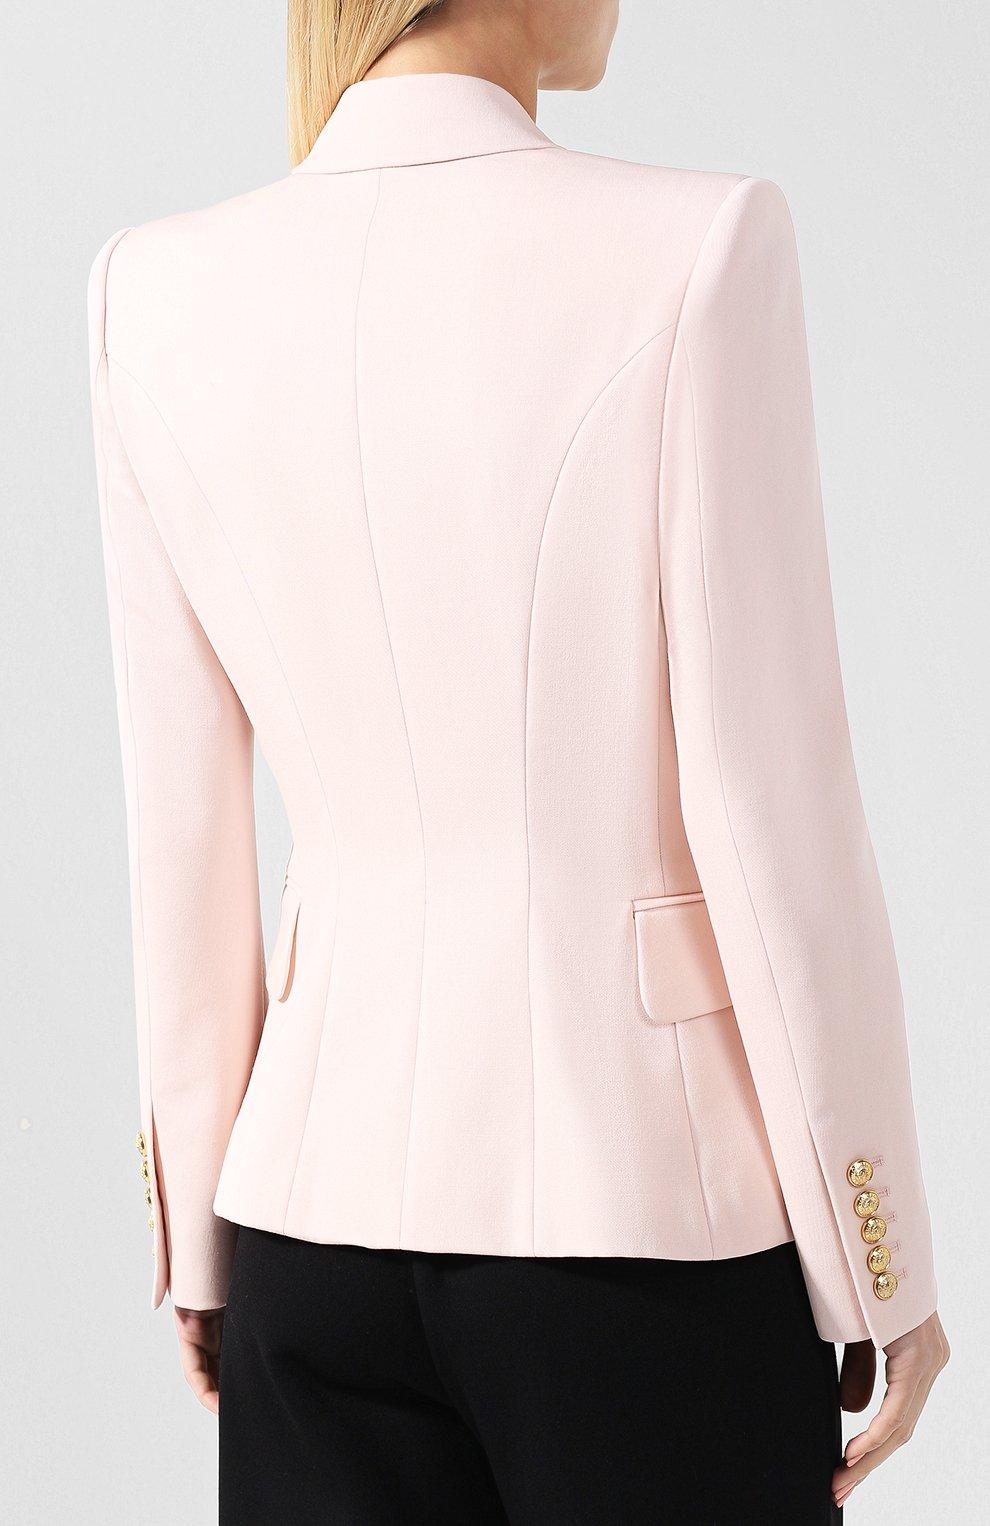 Приталенный двубортный жакет из шерсти Balmain светло-розовый | Фото №4